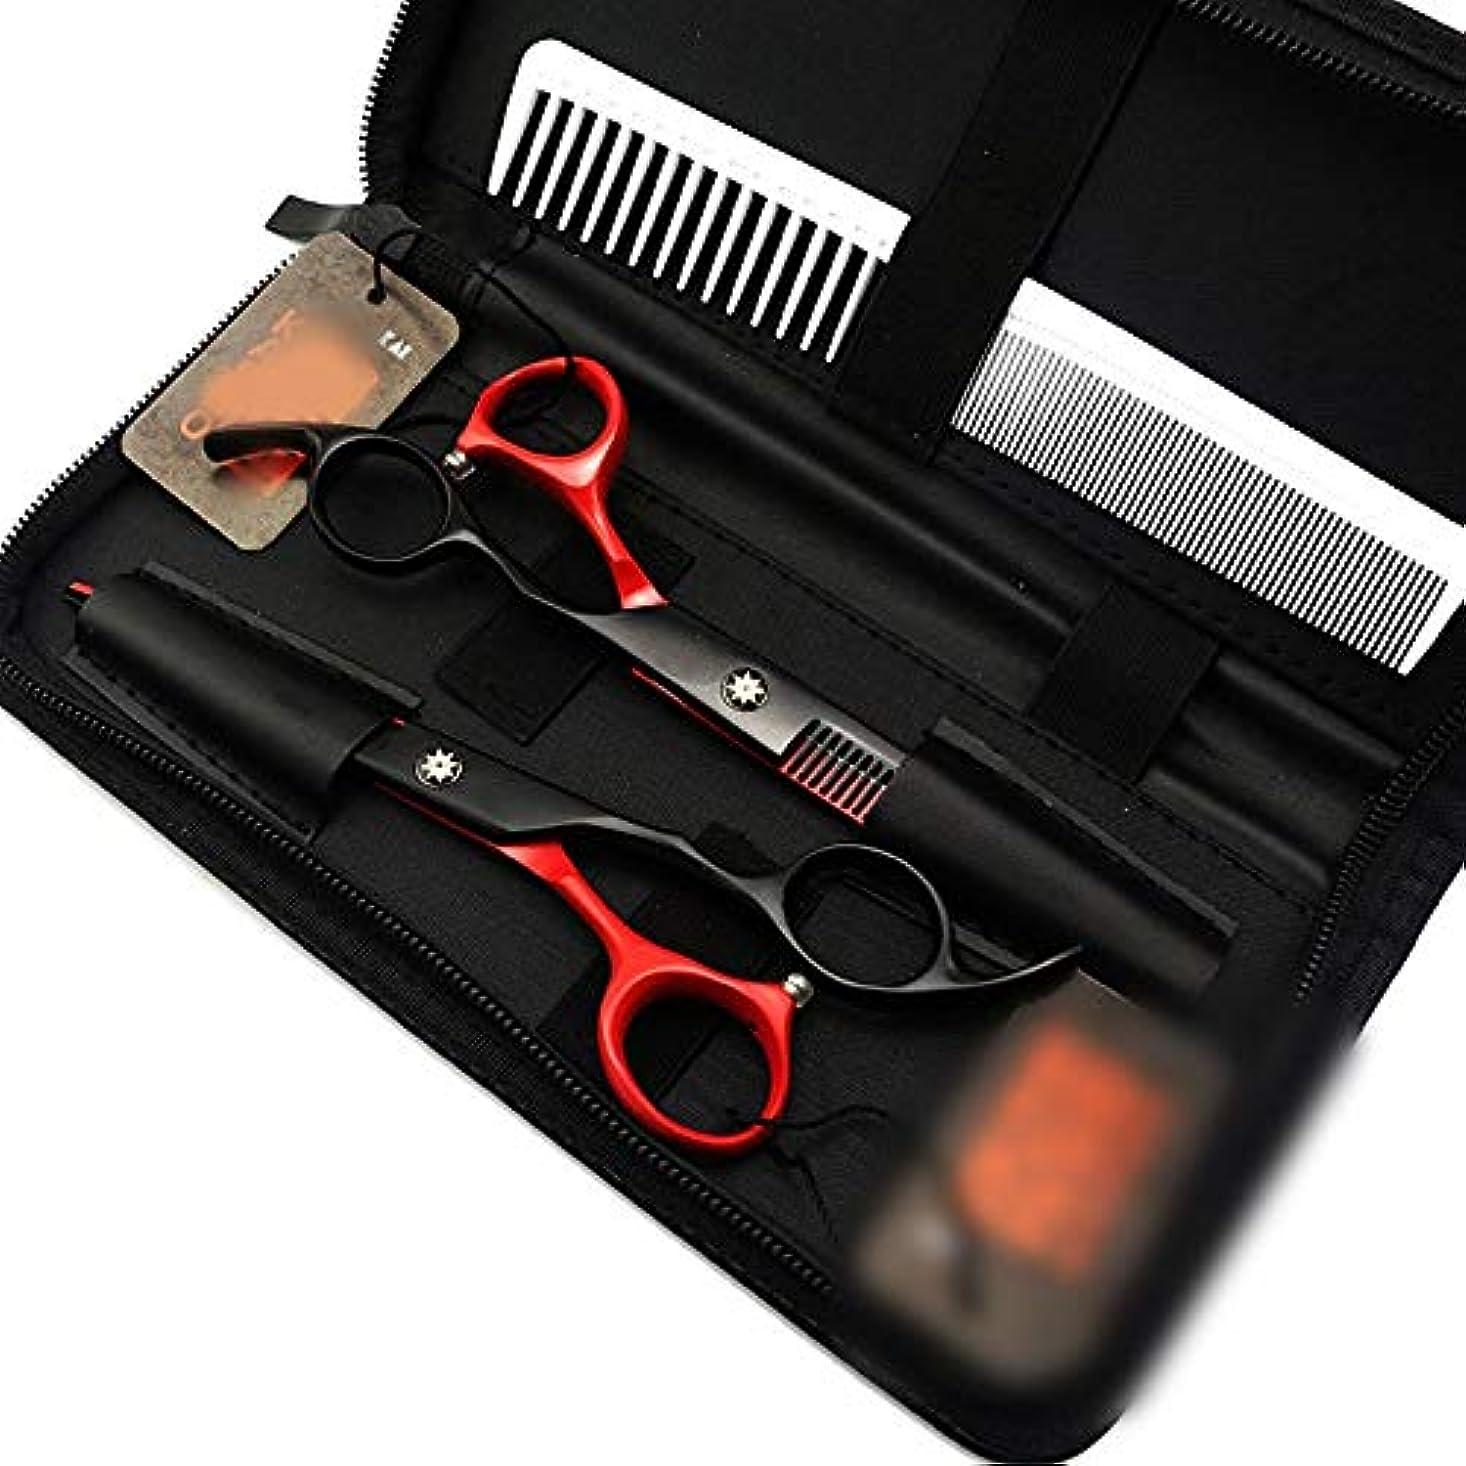 サービスフリース昼寝6.0インチの黒く赤く平らな+歯はさみセット、専門の理髪はさみ用具 ヘアケア (色 : Black red)